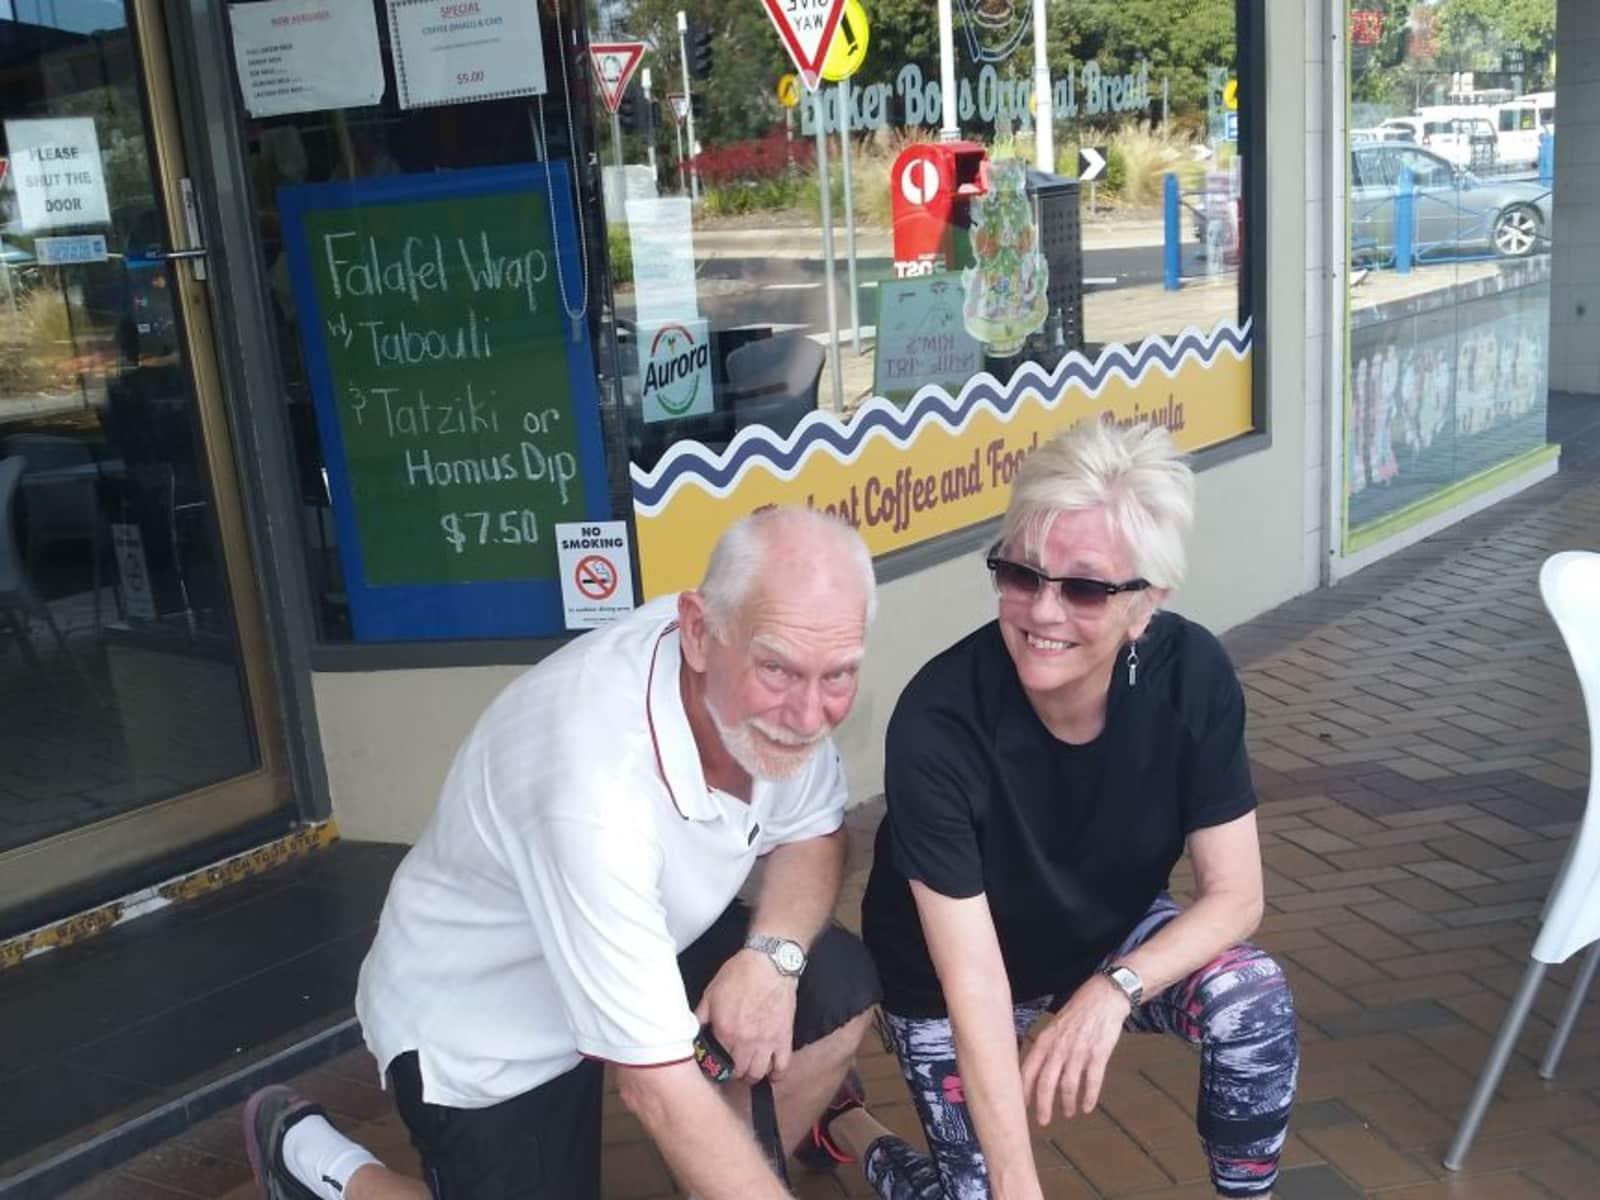 Lynette & Clive from Melbourne, Victoria, Australia